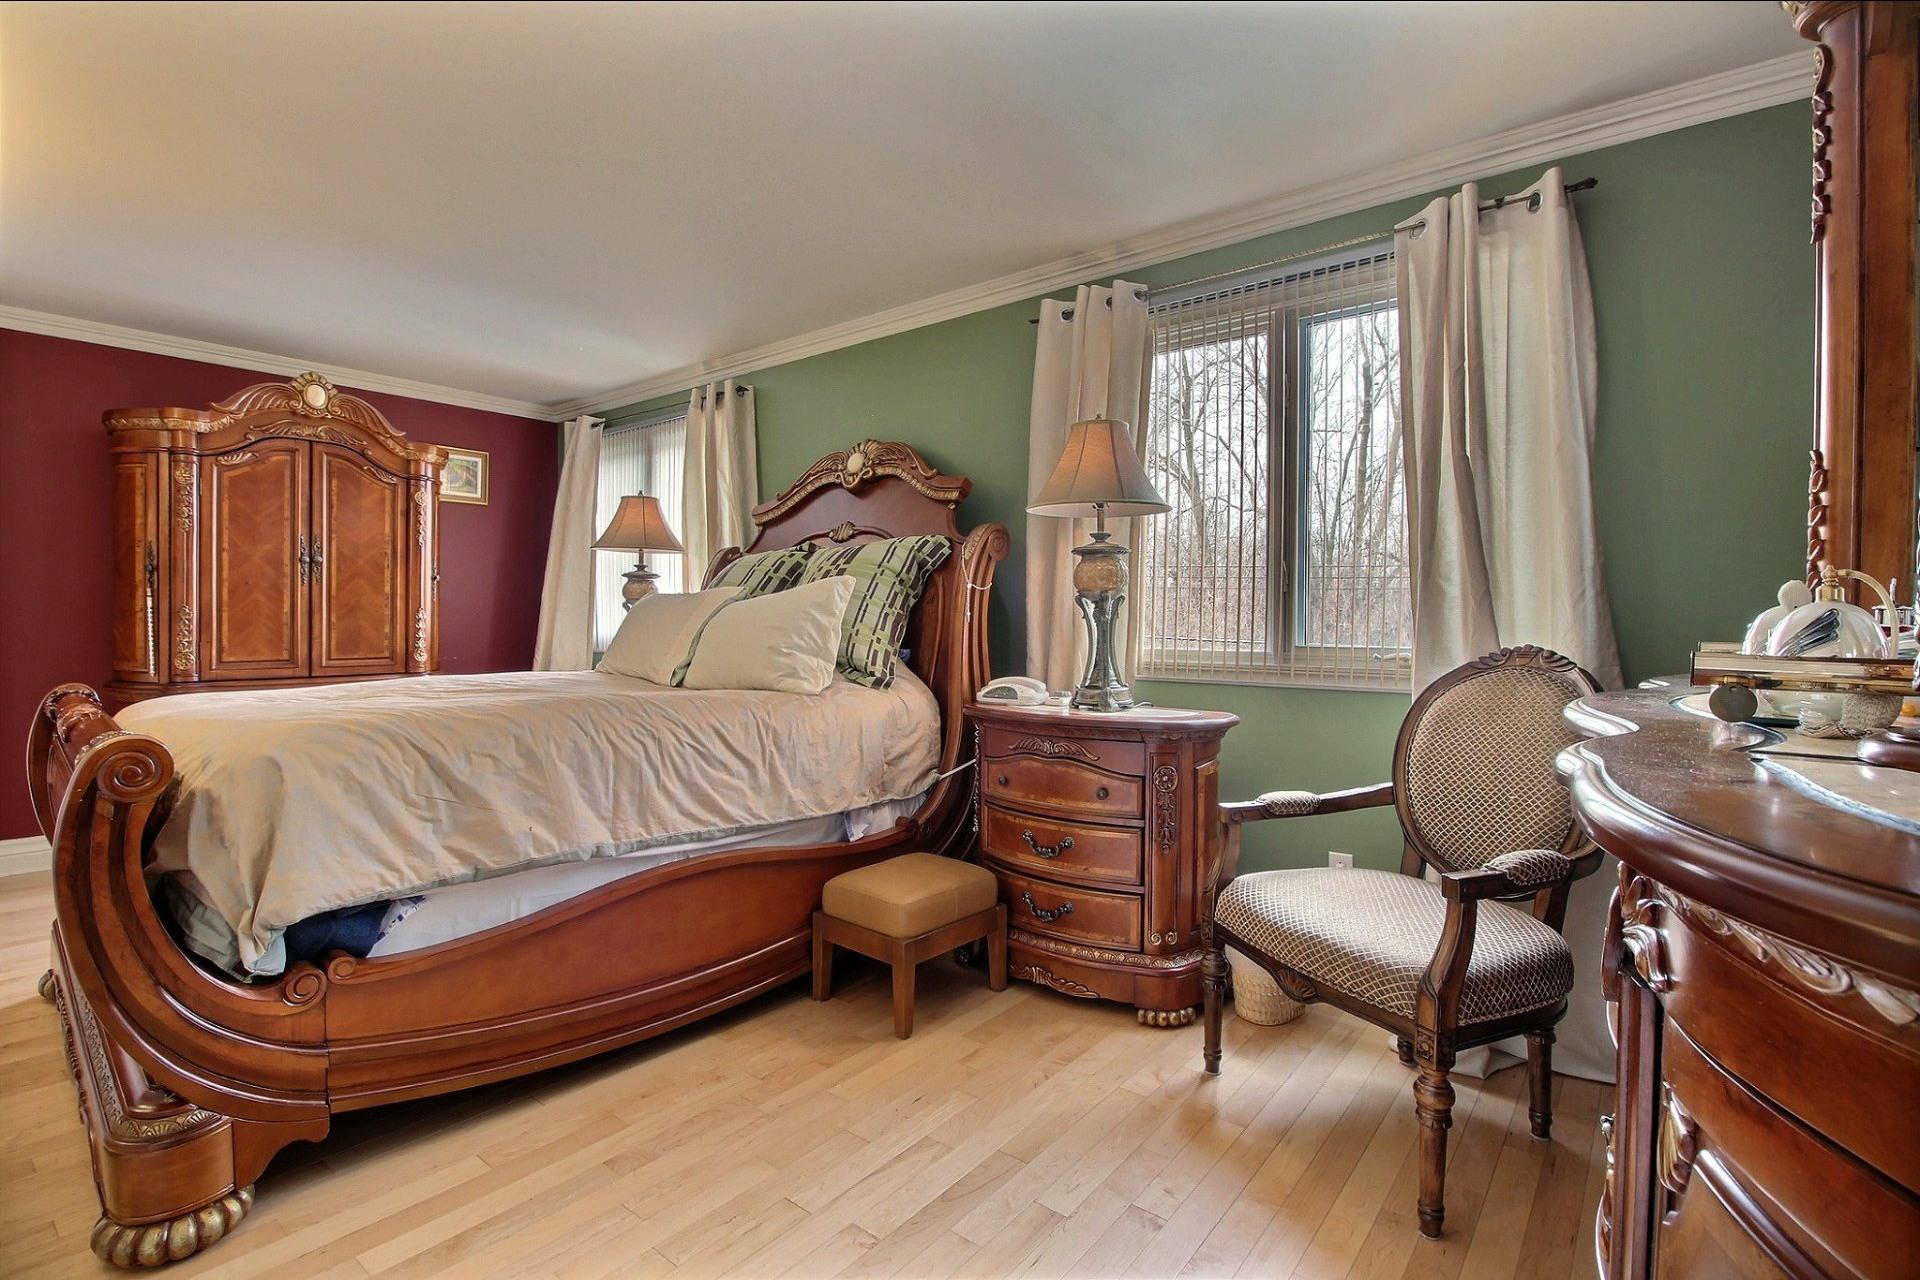 image 12 - Maison À vendre Montréal Rivière-des-Prairies/Pointe-aux-Trembles  - 8 pièces